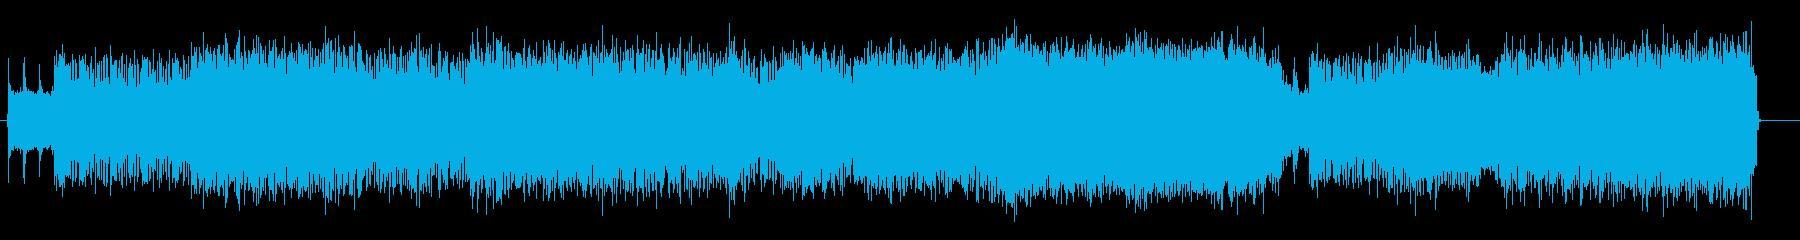 レース、戦闘等のゲーム音楽に最適なメタルの再生済みの波形